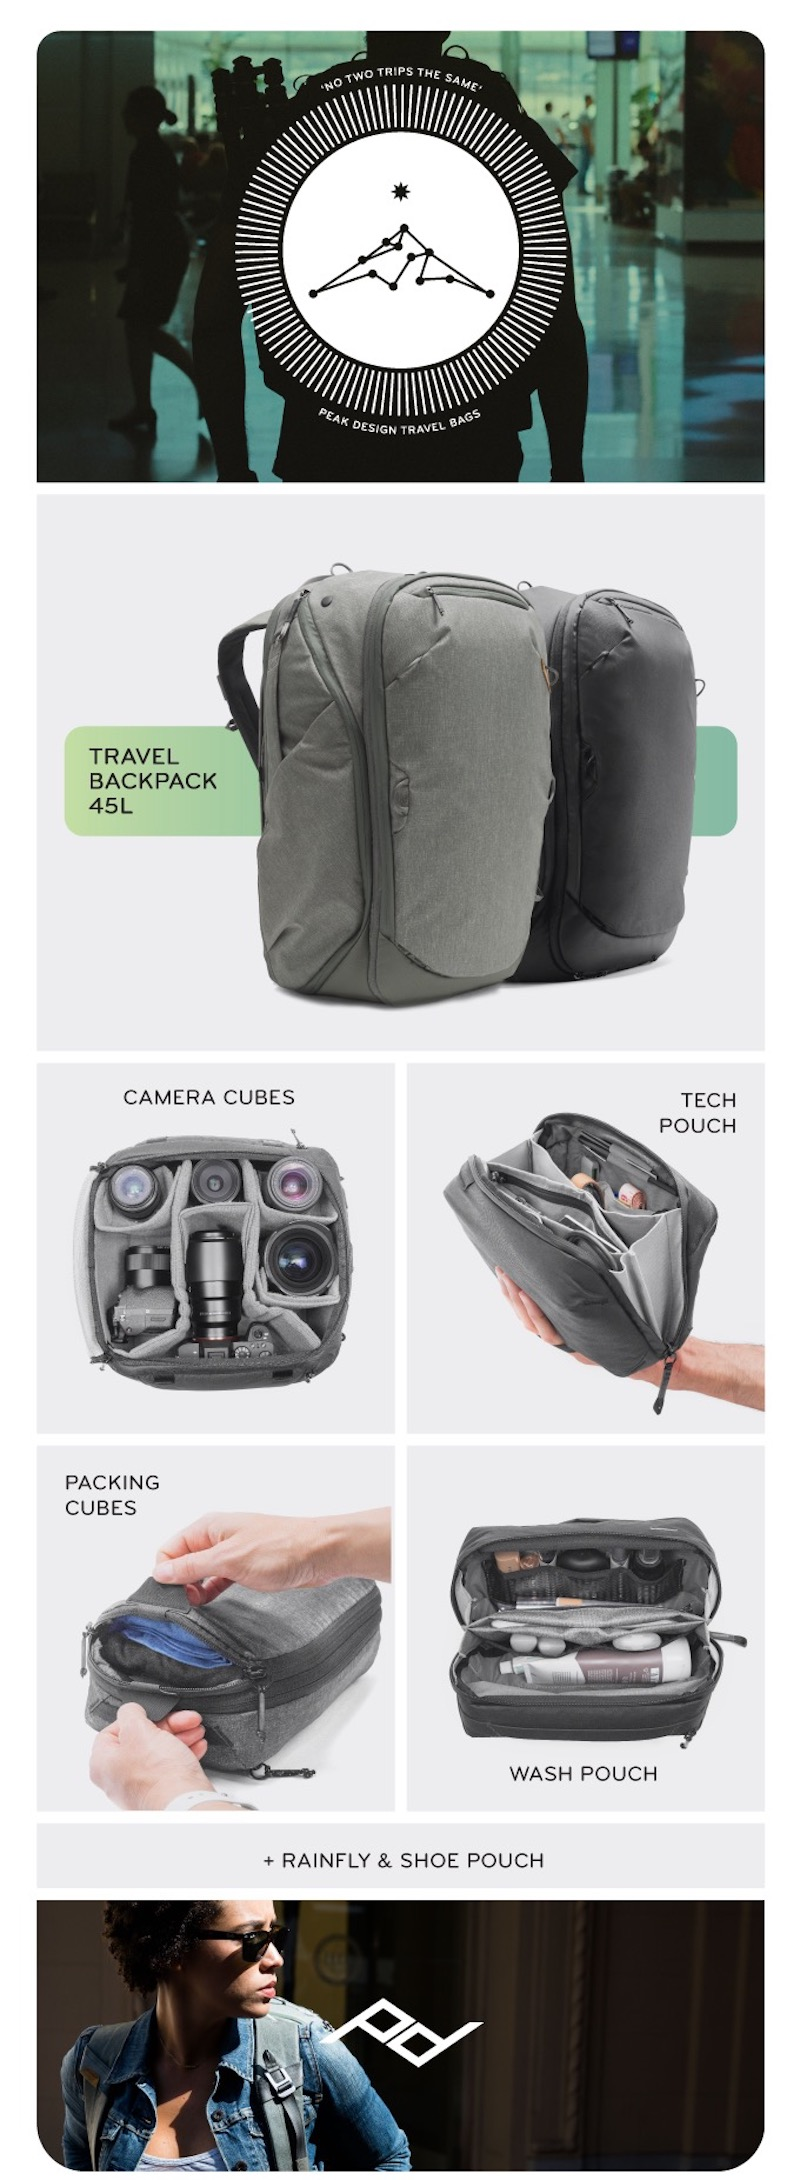 Travel Backpack from Peak Design